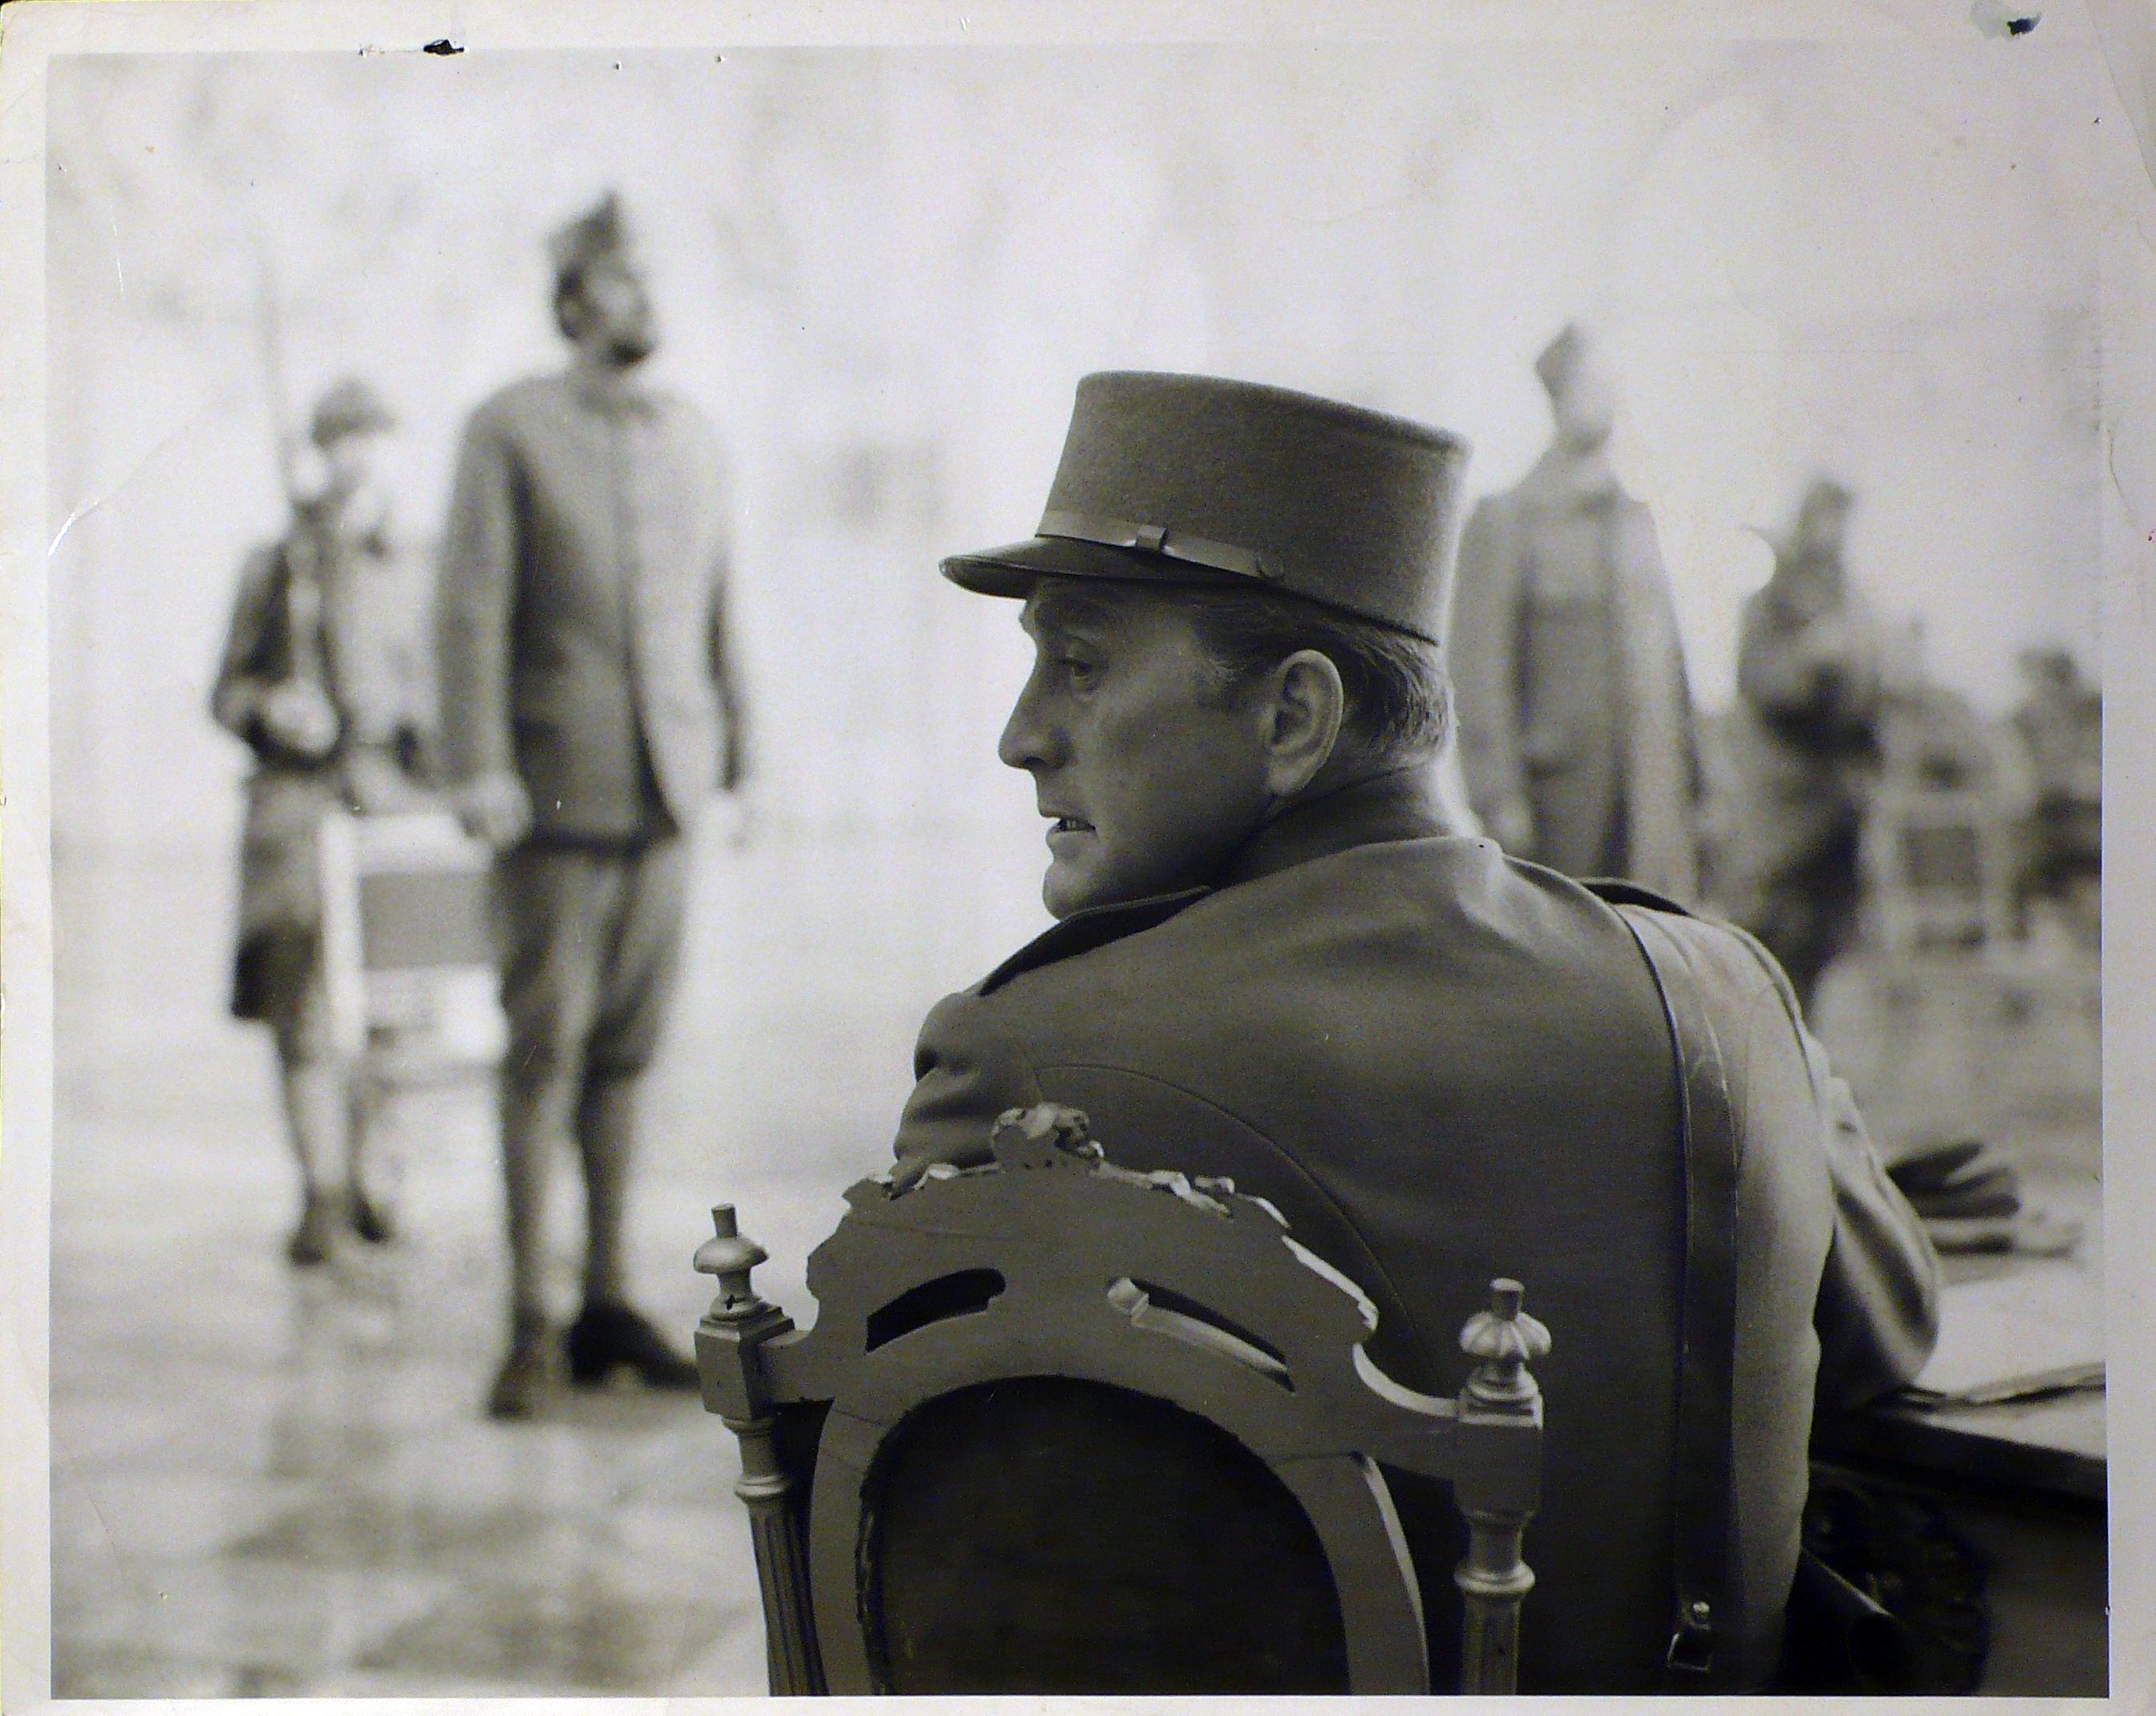 Paths of Glory  (Orizzonti di gloria) di Stanley Kubrick – Fotografia di scena per il Pressbook di una riedizione inglese degli anni '70